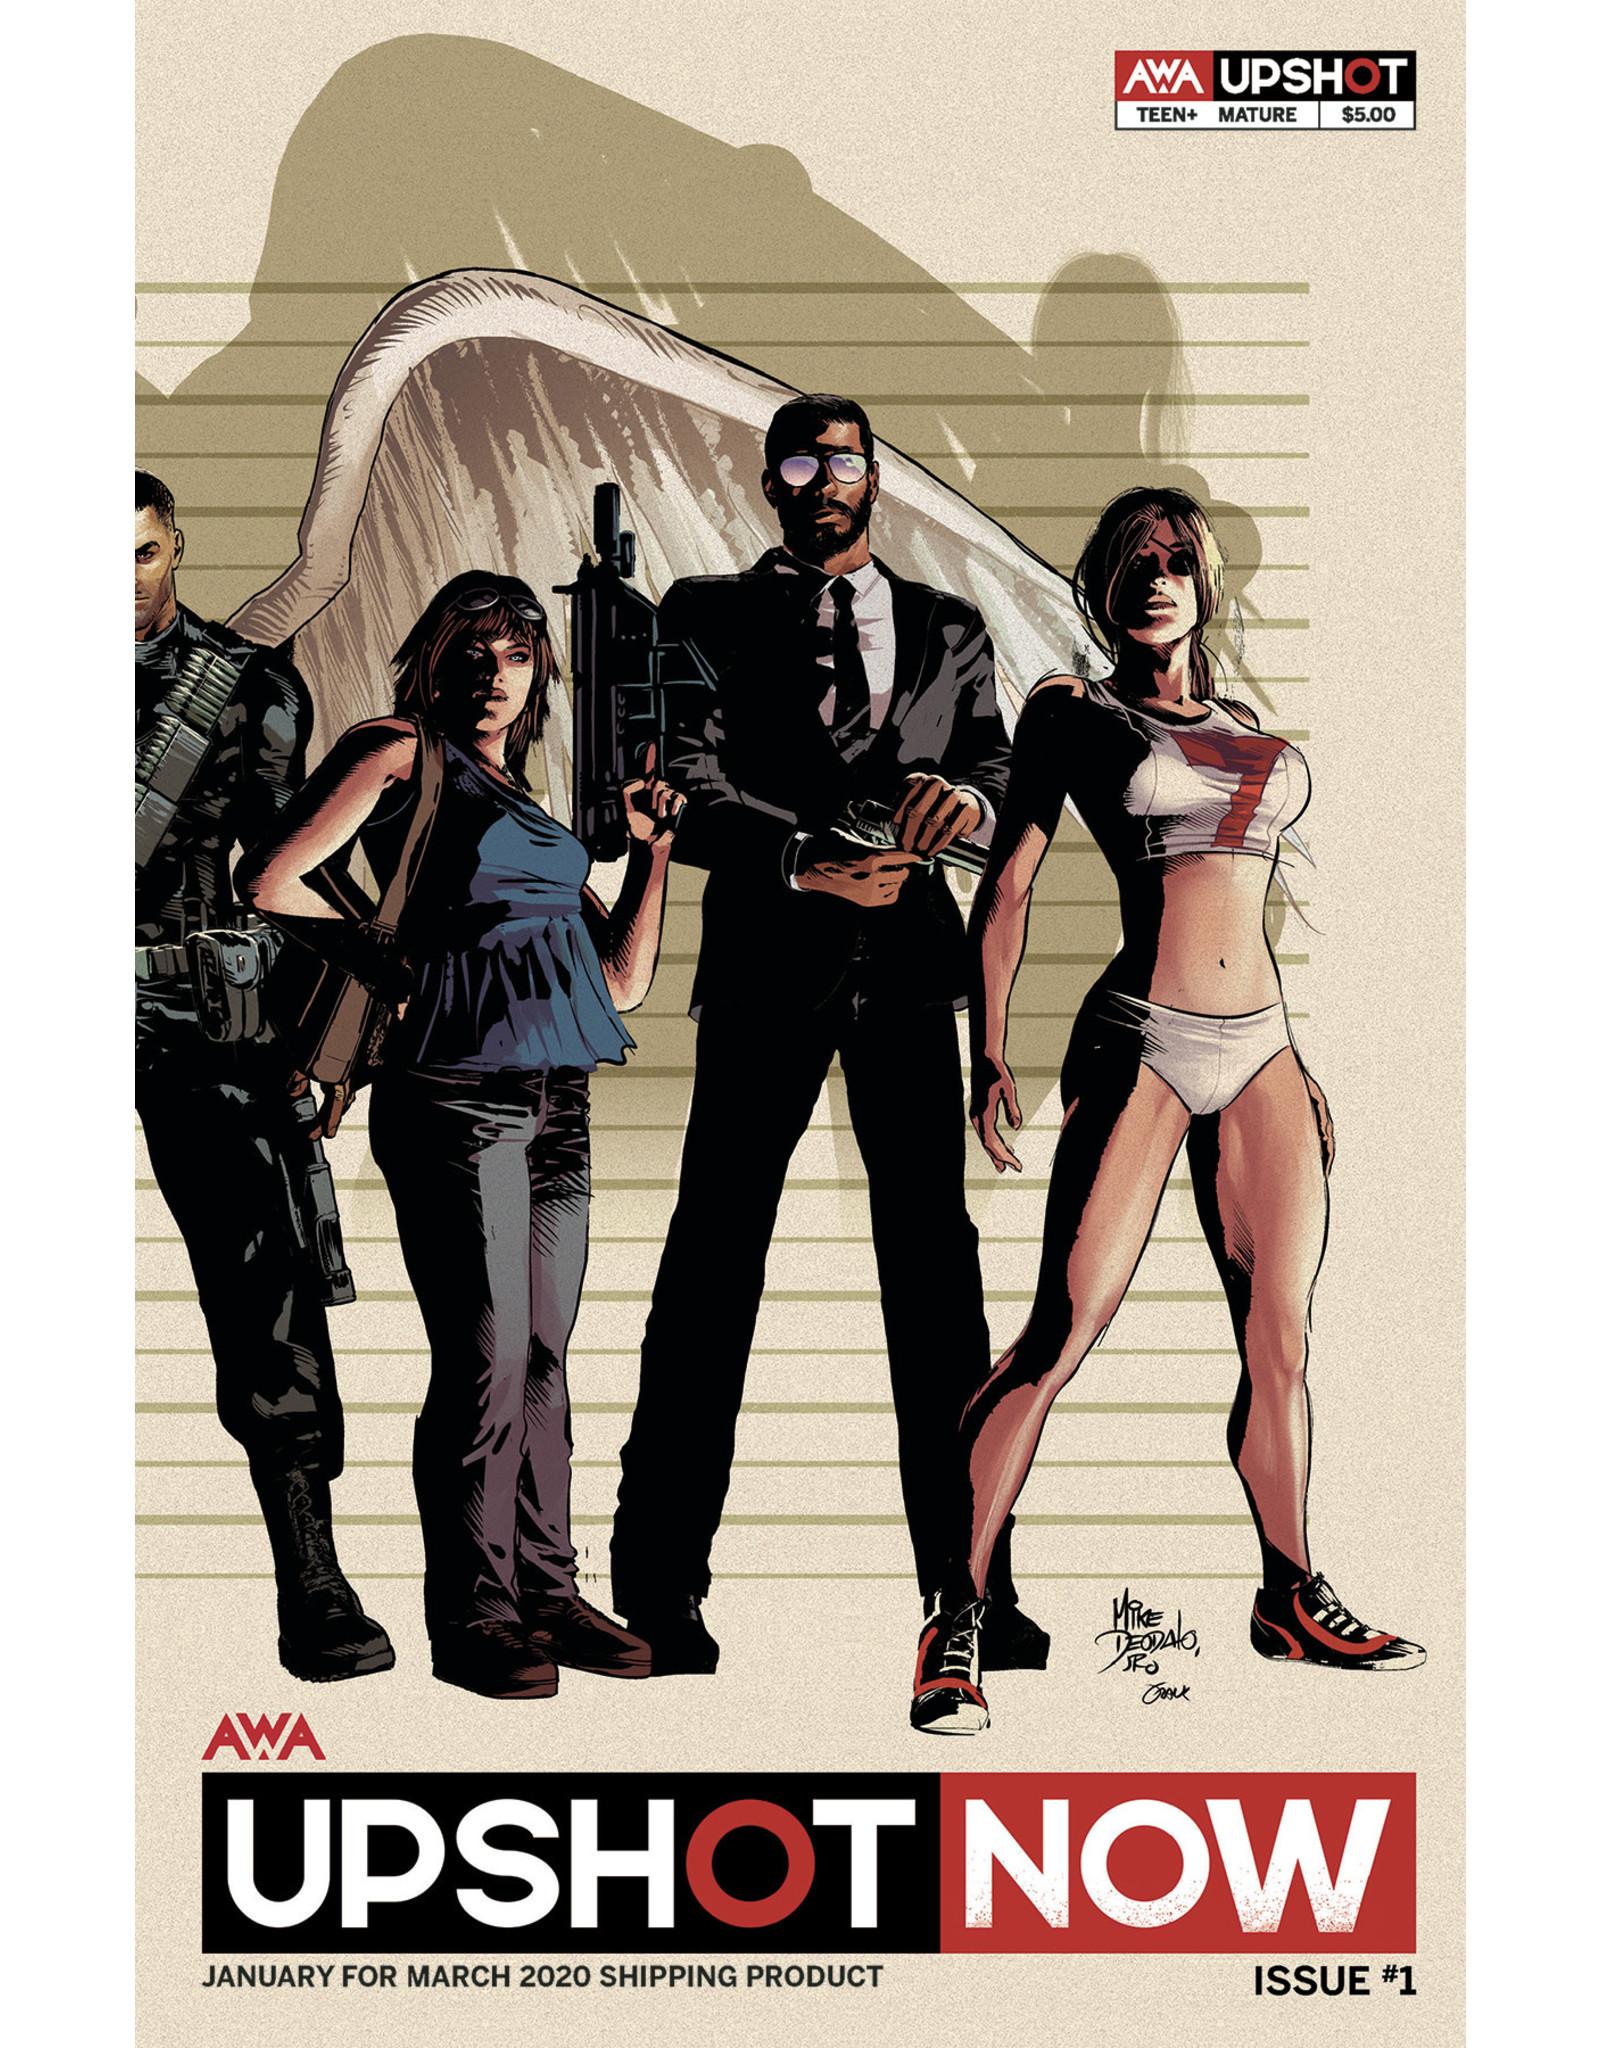 UPSHOT NOW MAGAZINE #1